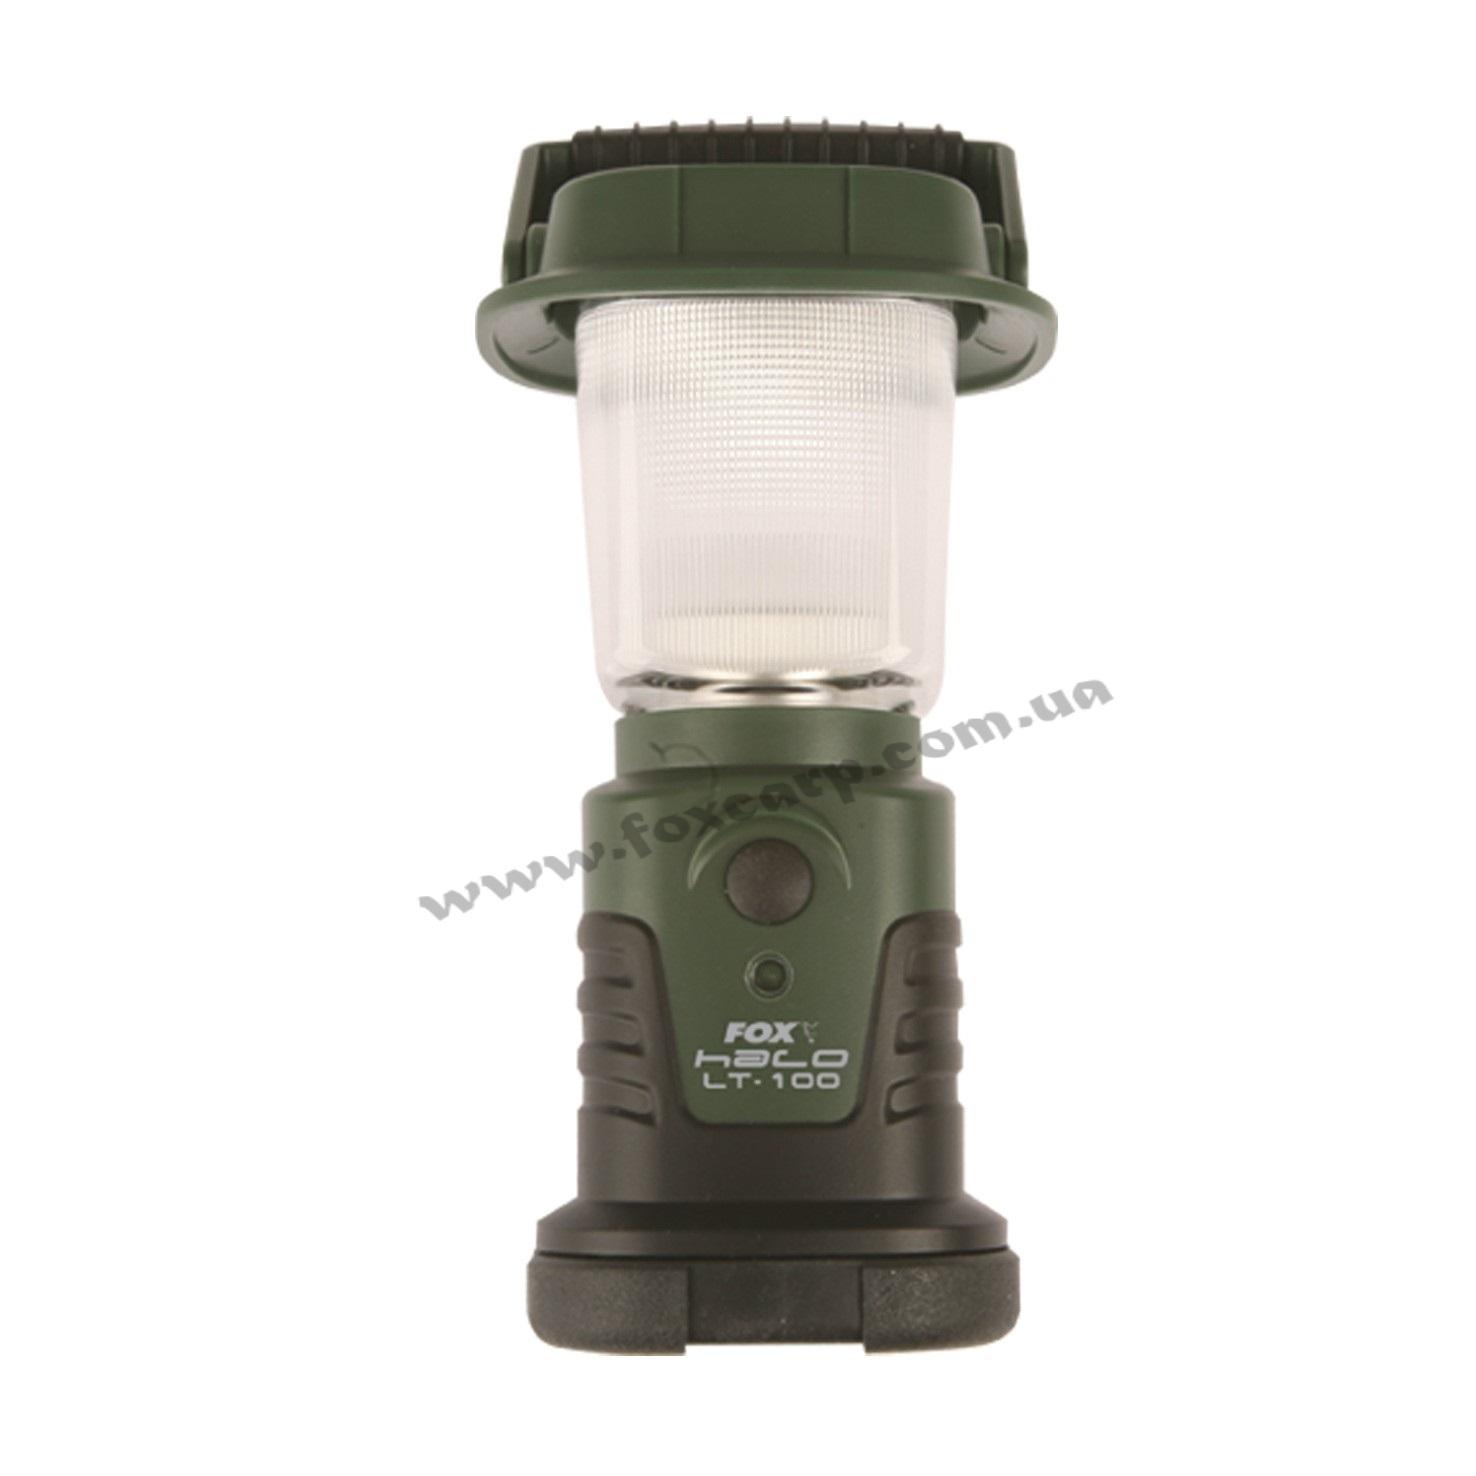 Fox настольный фонарь Halo™ LT-100 Lanterns